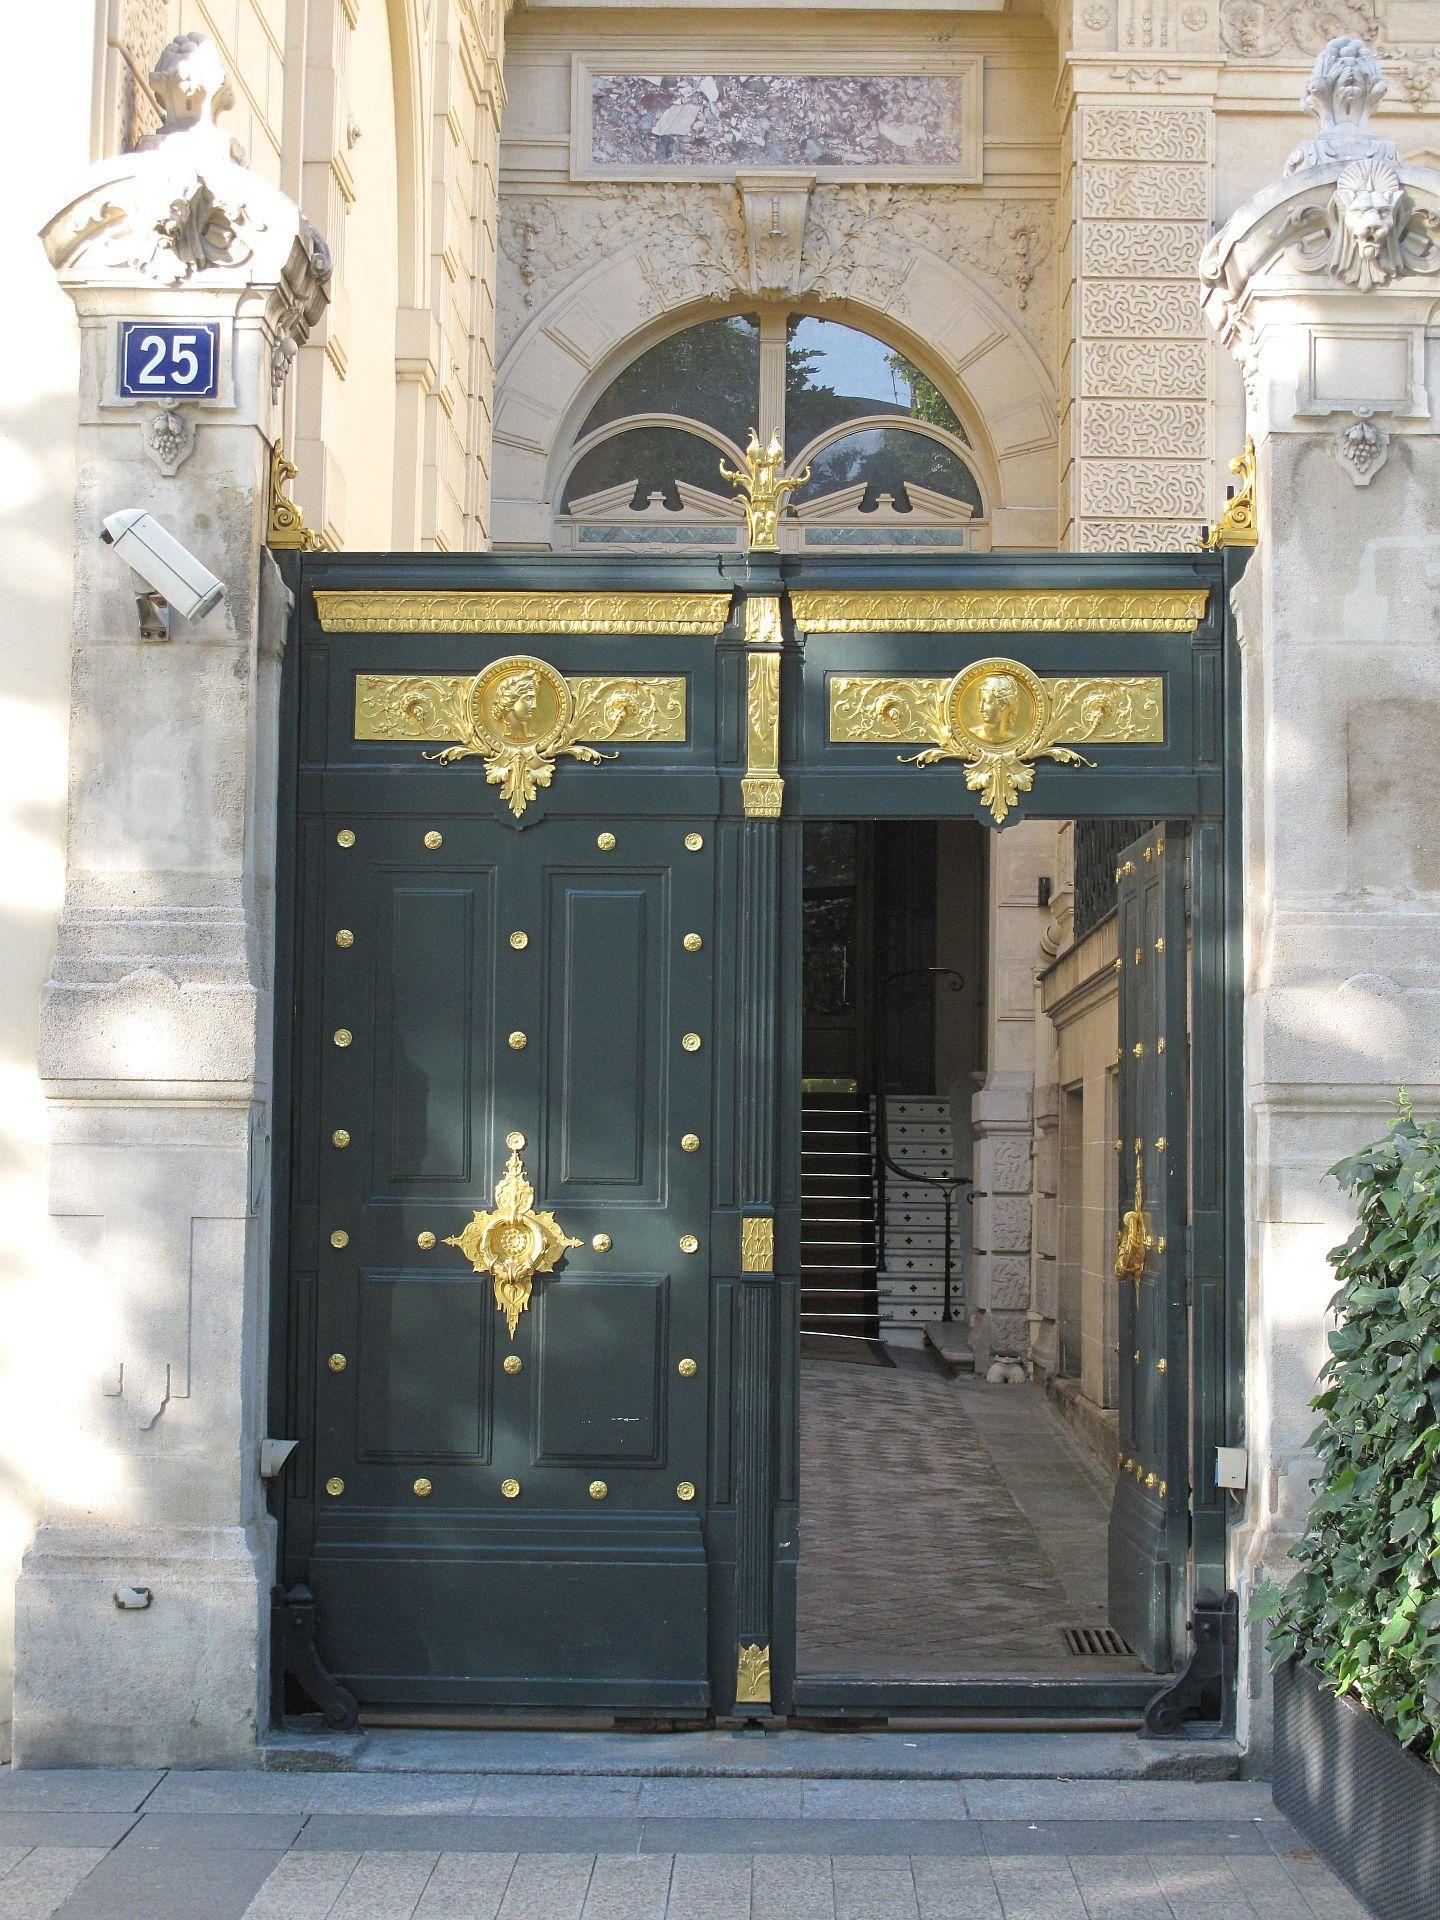 hôtel de la païva - entrance gate, 25 avenue champs d'elysses, paris